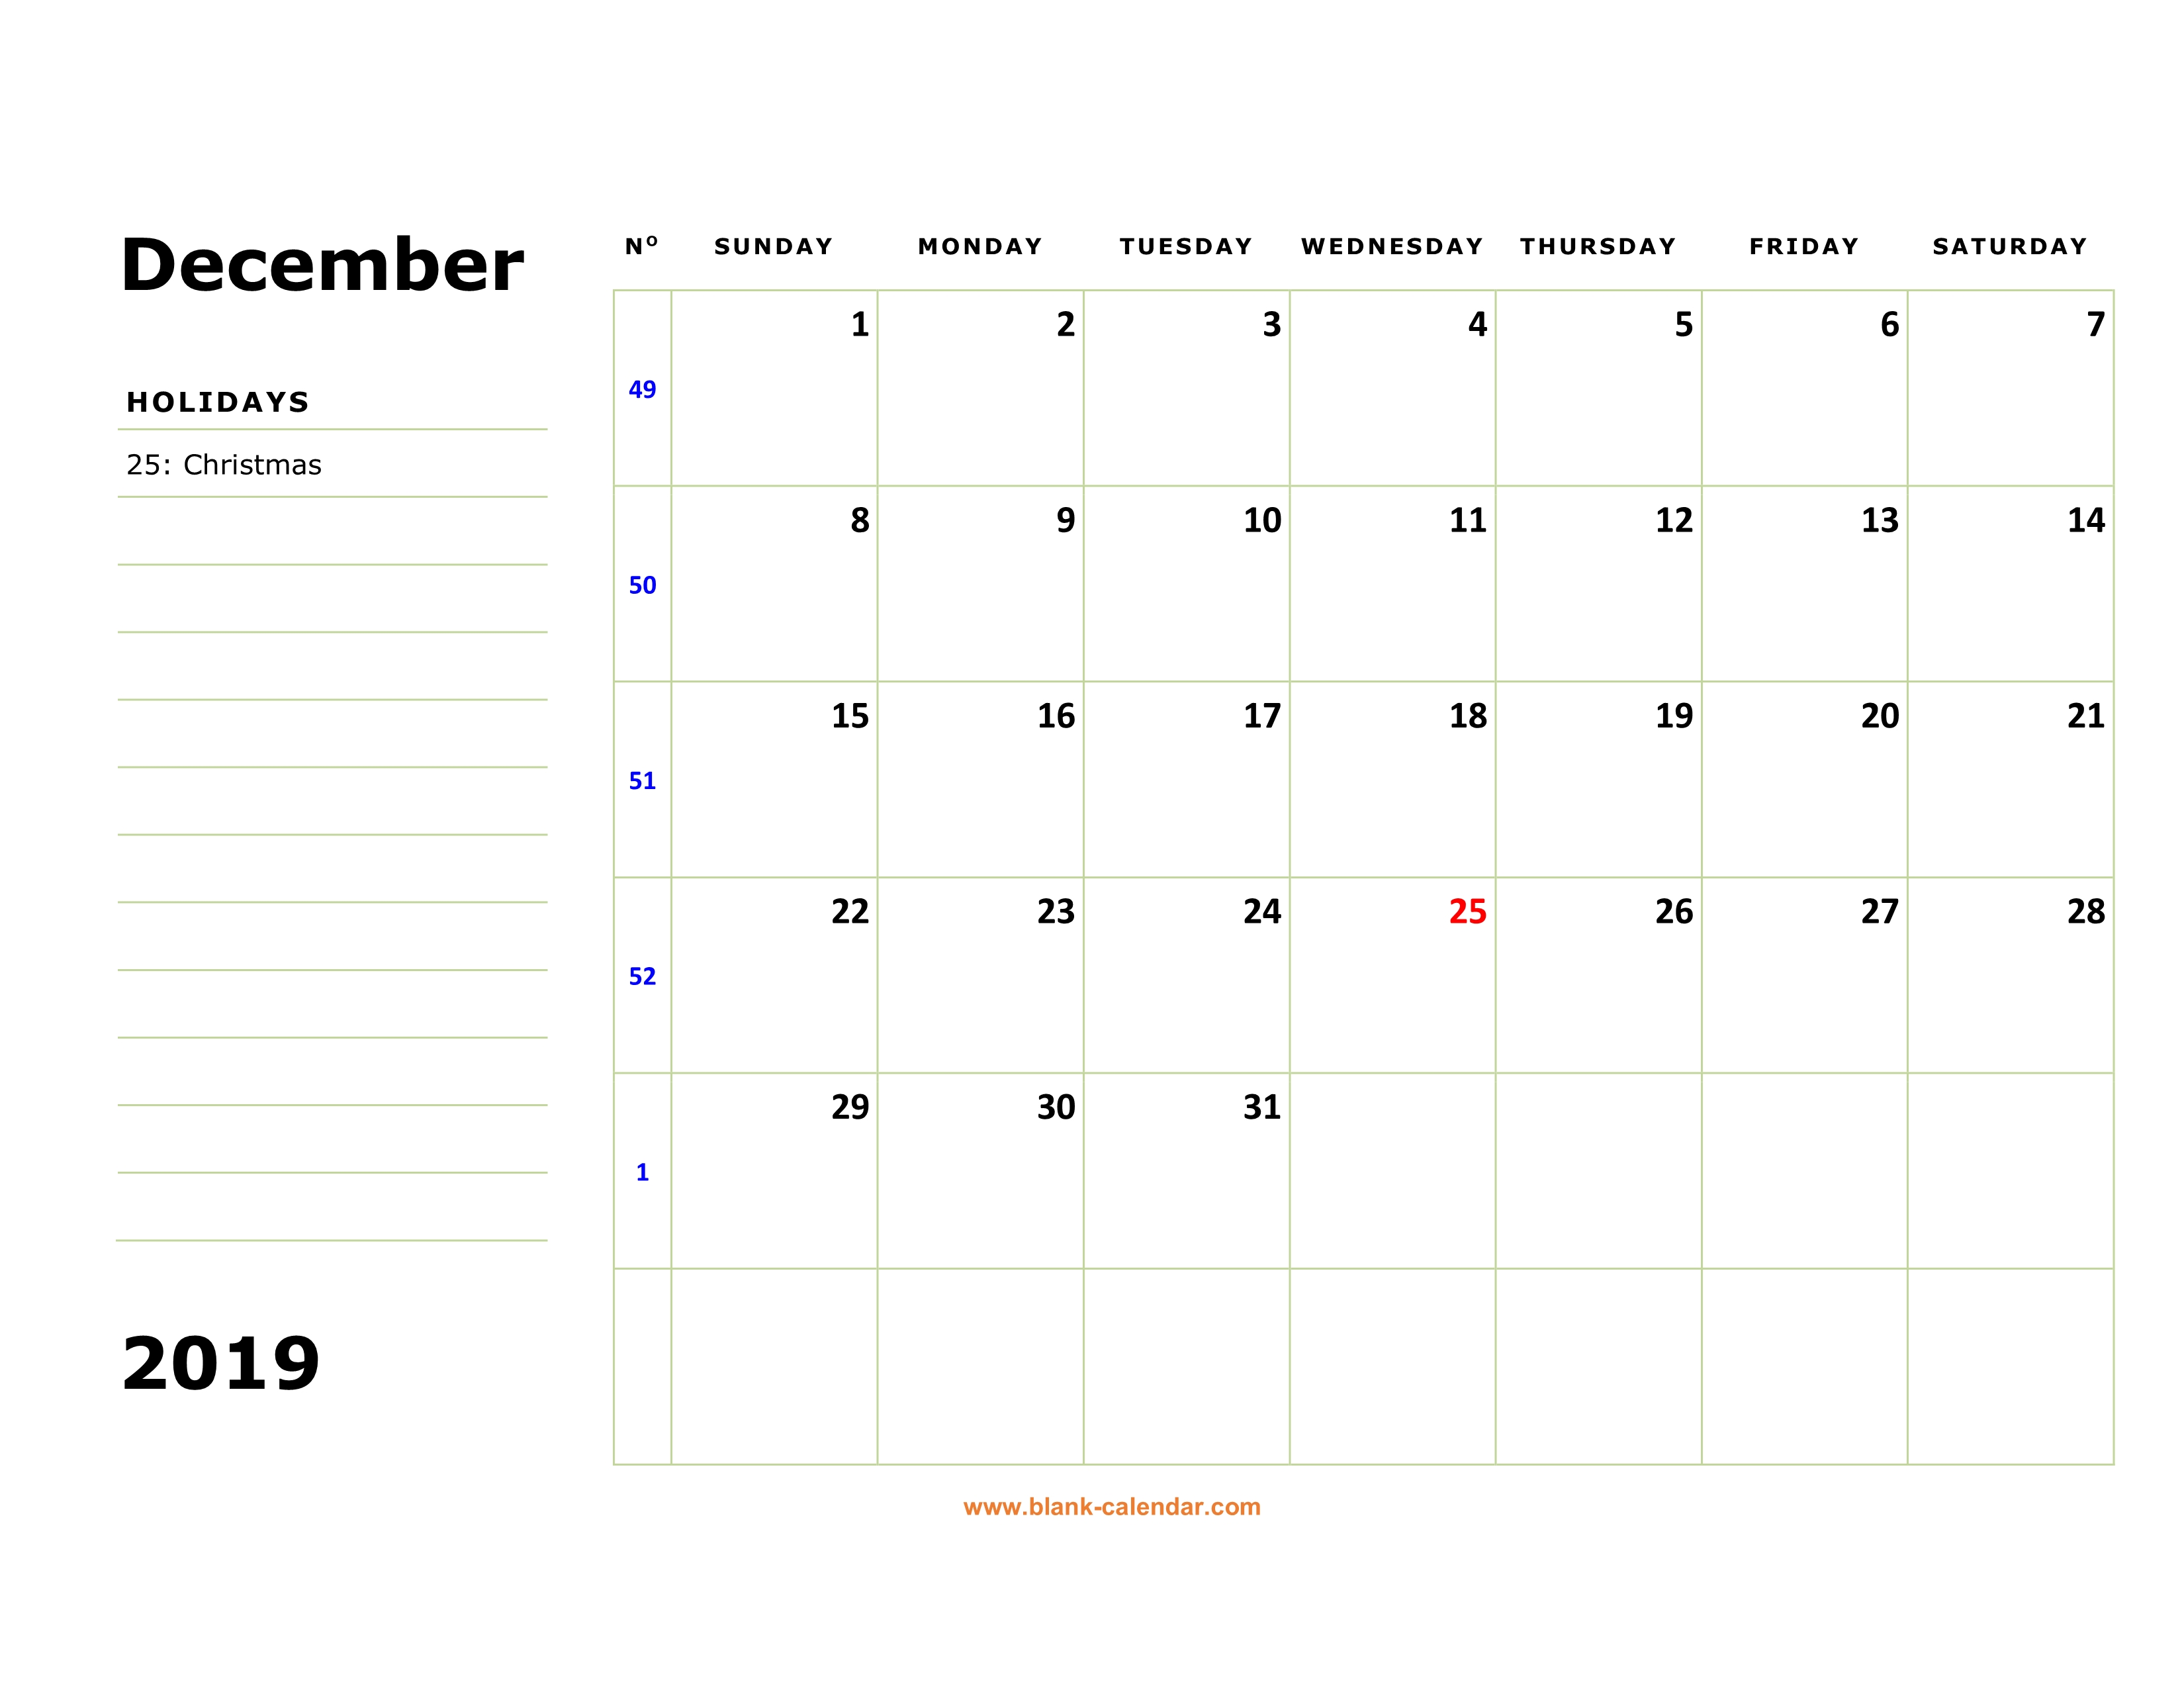 December 2019 Printable Calendar Space For Notes Included Free Download Printable December 2019 Calendar, large box